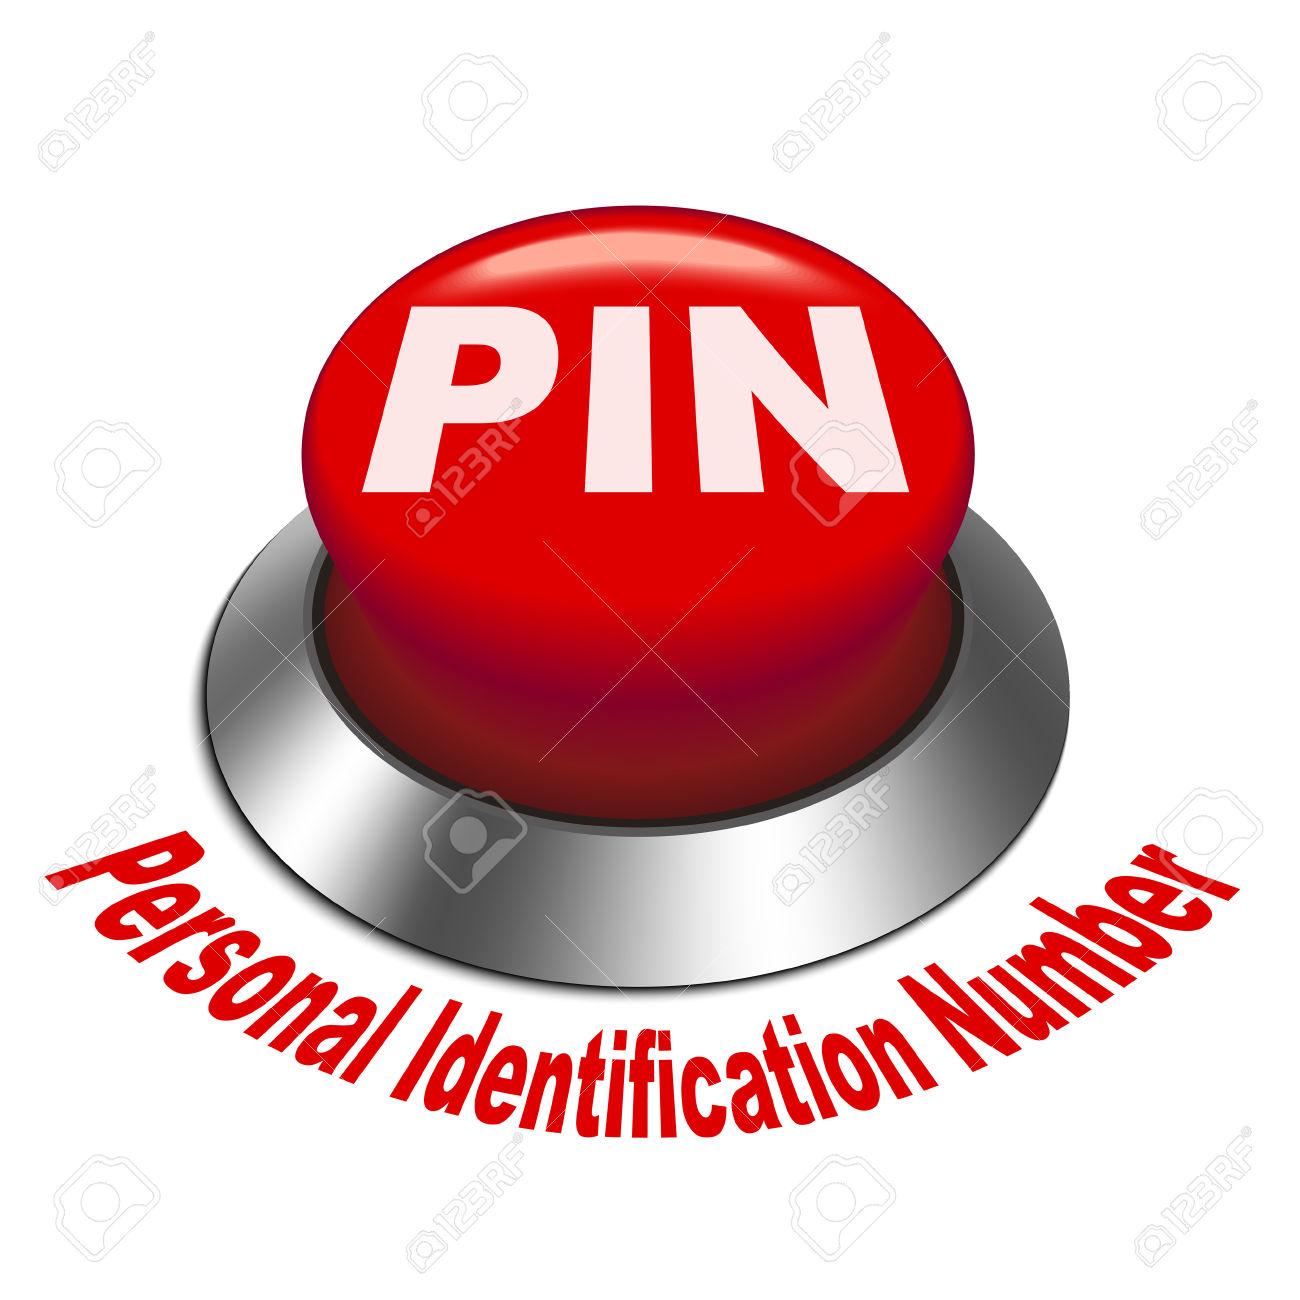 Tìm Hiểu Về Personal Identification Number Là Gì?